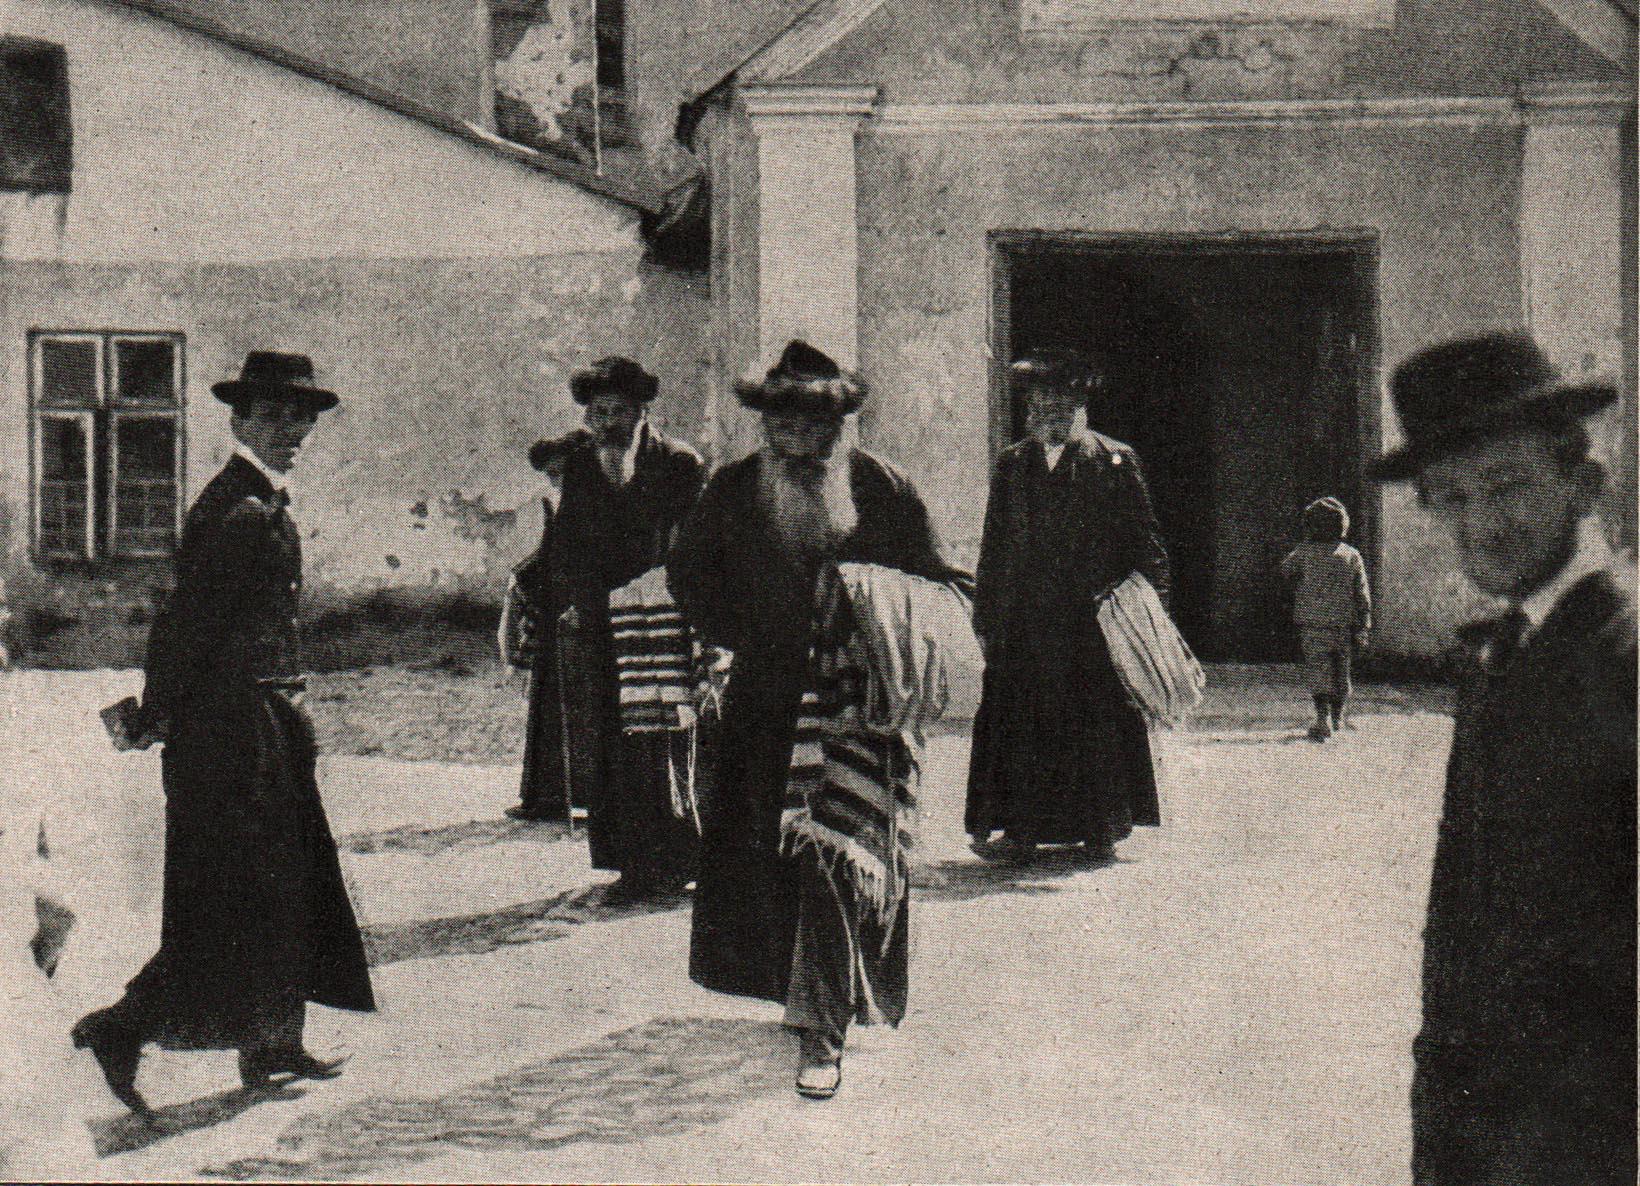 7. oktober 1914. Hemming Skov på østfronten: March mod Radom ad elendige veje